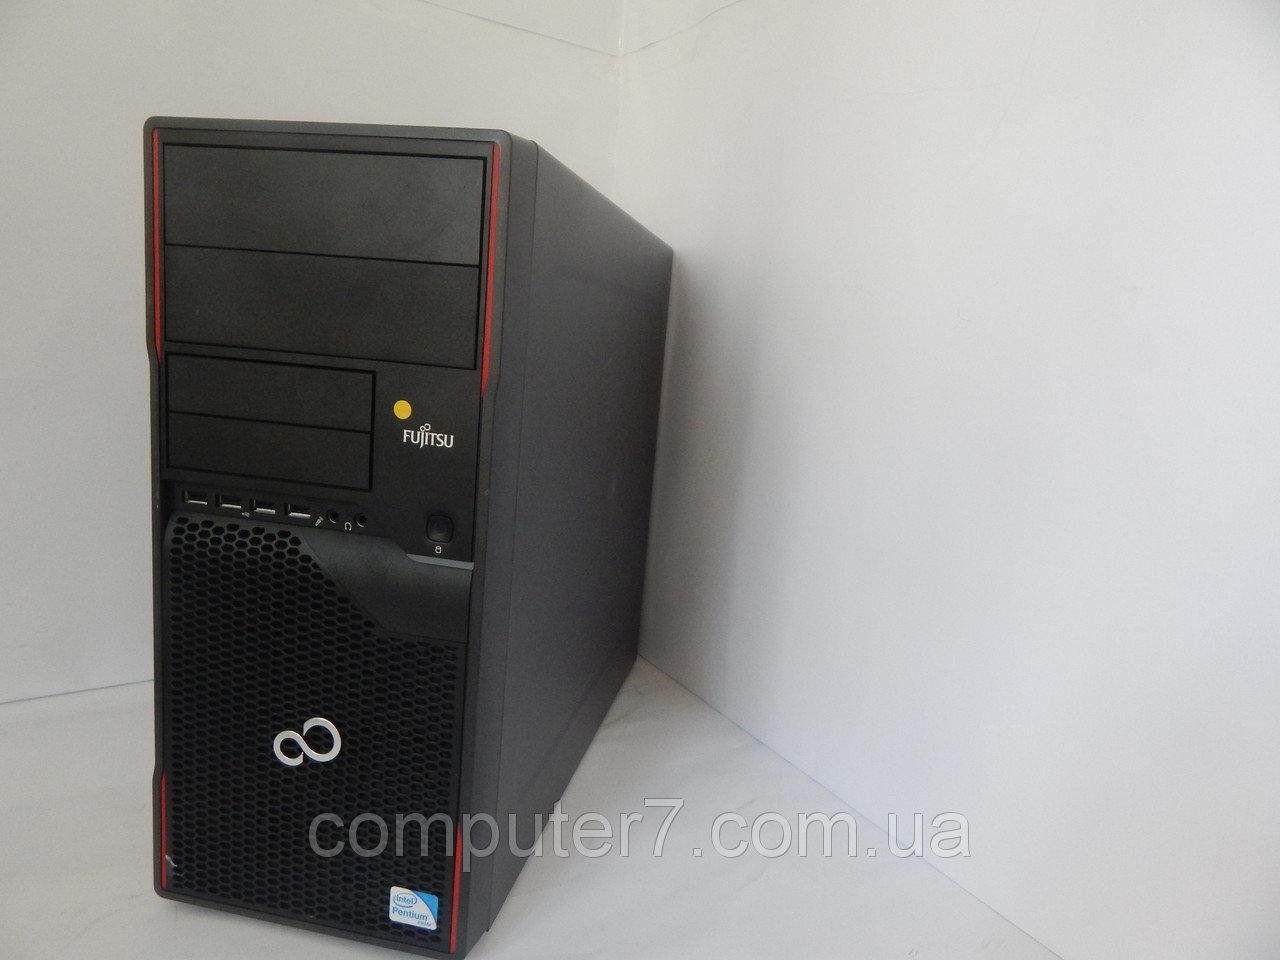 Системный блок Fujitsu P700 i3-2100, socket 1155, 4 RAM, компьютер из Европы